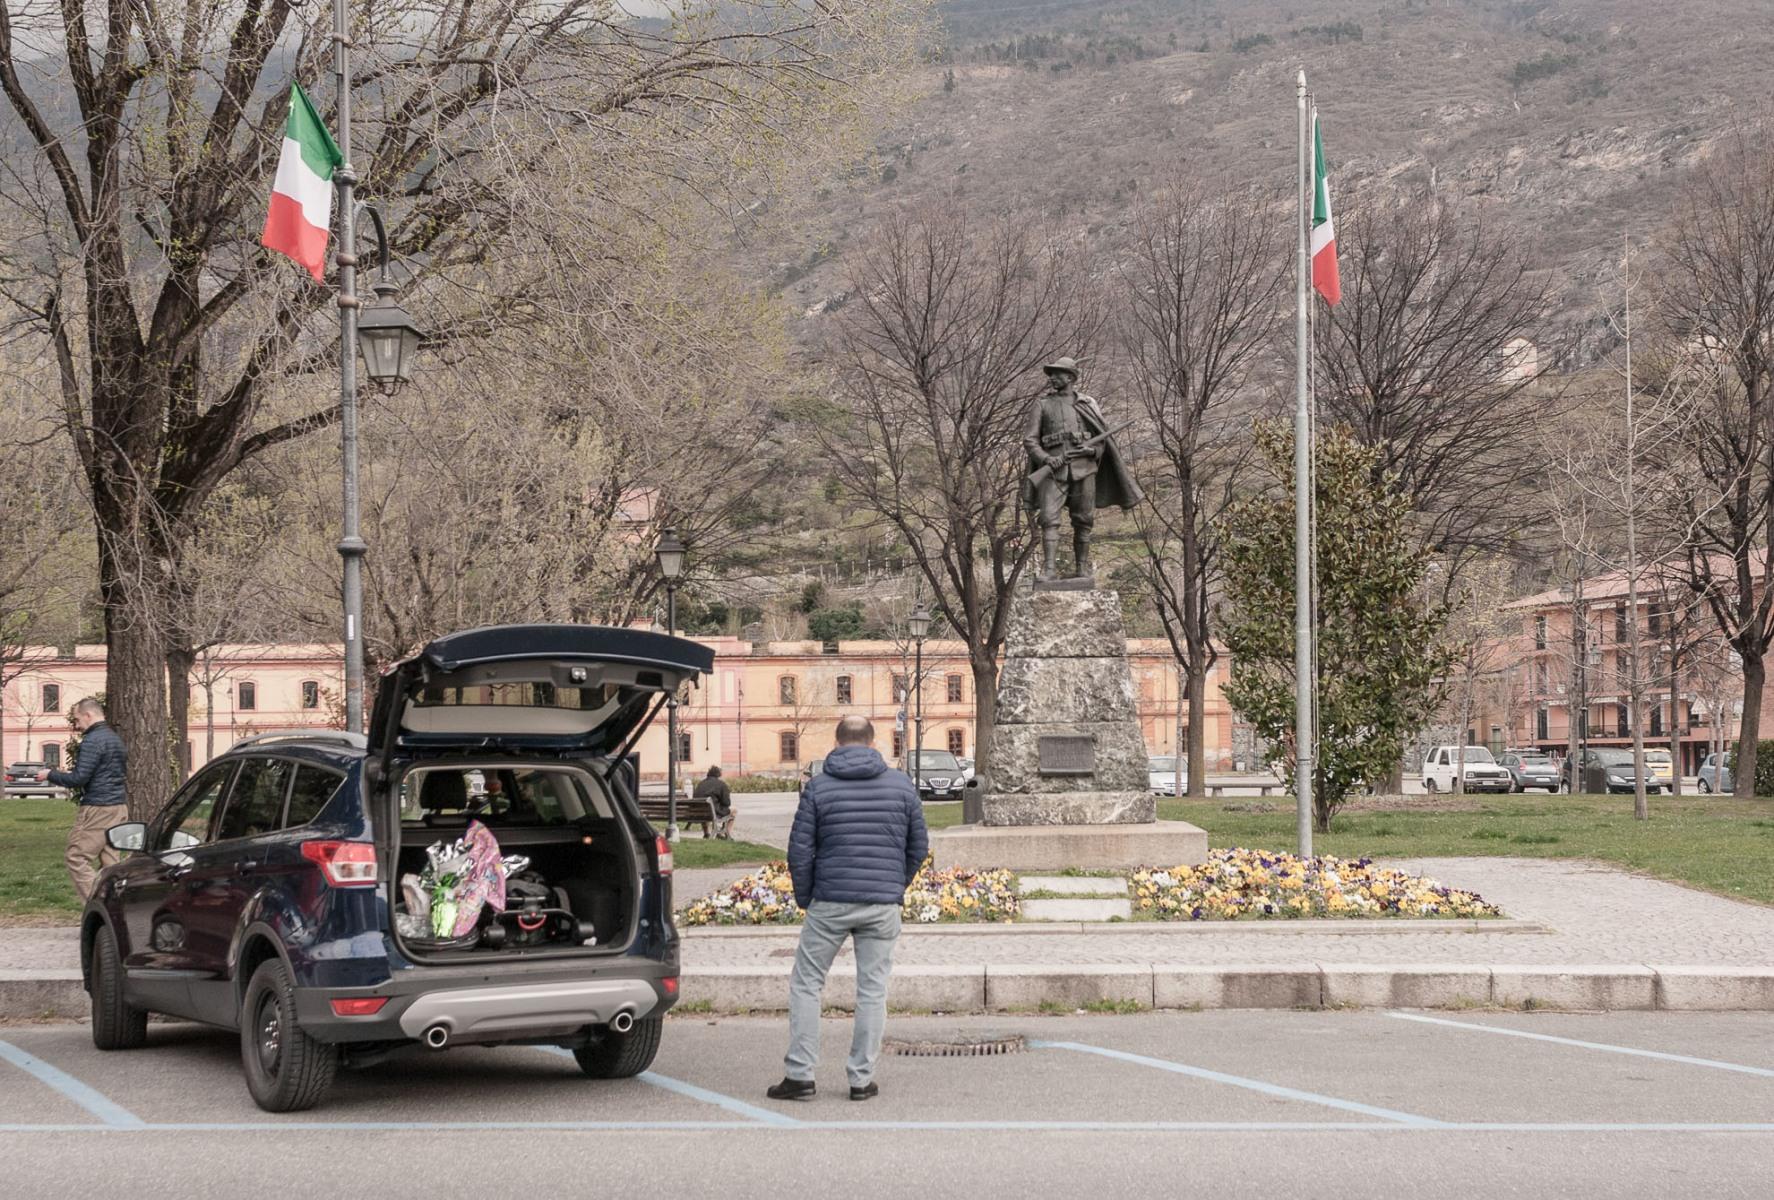 SUSA-Alla-ribalta-a-causa-della-ferrovia-Torino-Lione-nota-come-TAV.-l-progetto-ha-ricevuto-fortissime-critiche-polarizzando-l-opinione-pubblica.